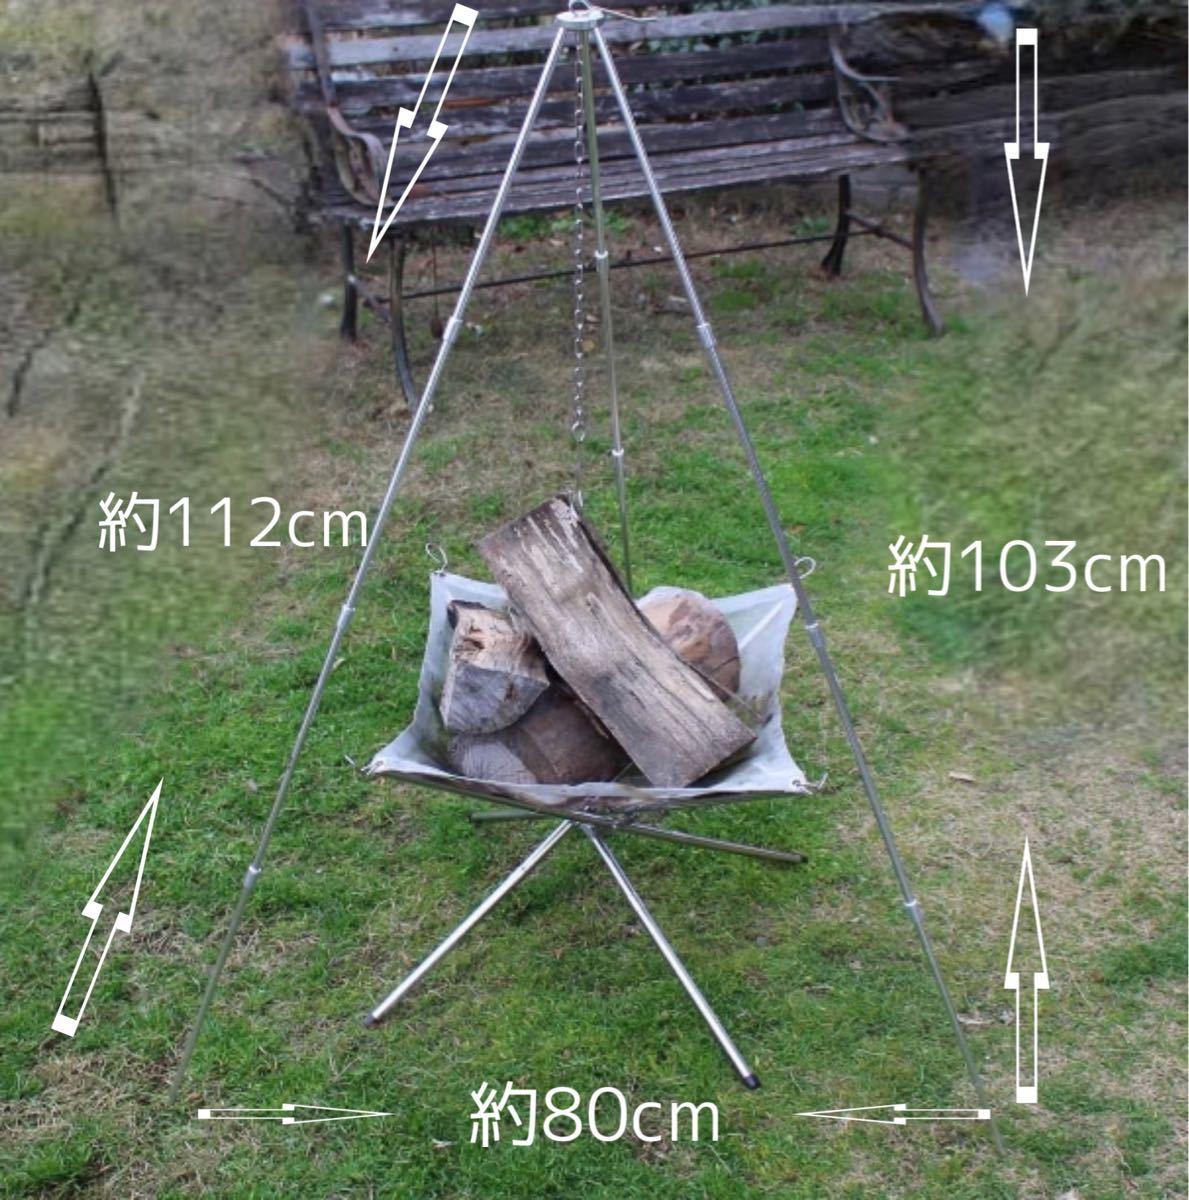 激安 焚火台 焚き火台 トライポットセット  折りたたみ 収納バッグ メッシュシート